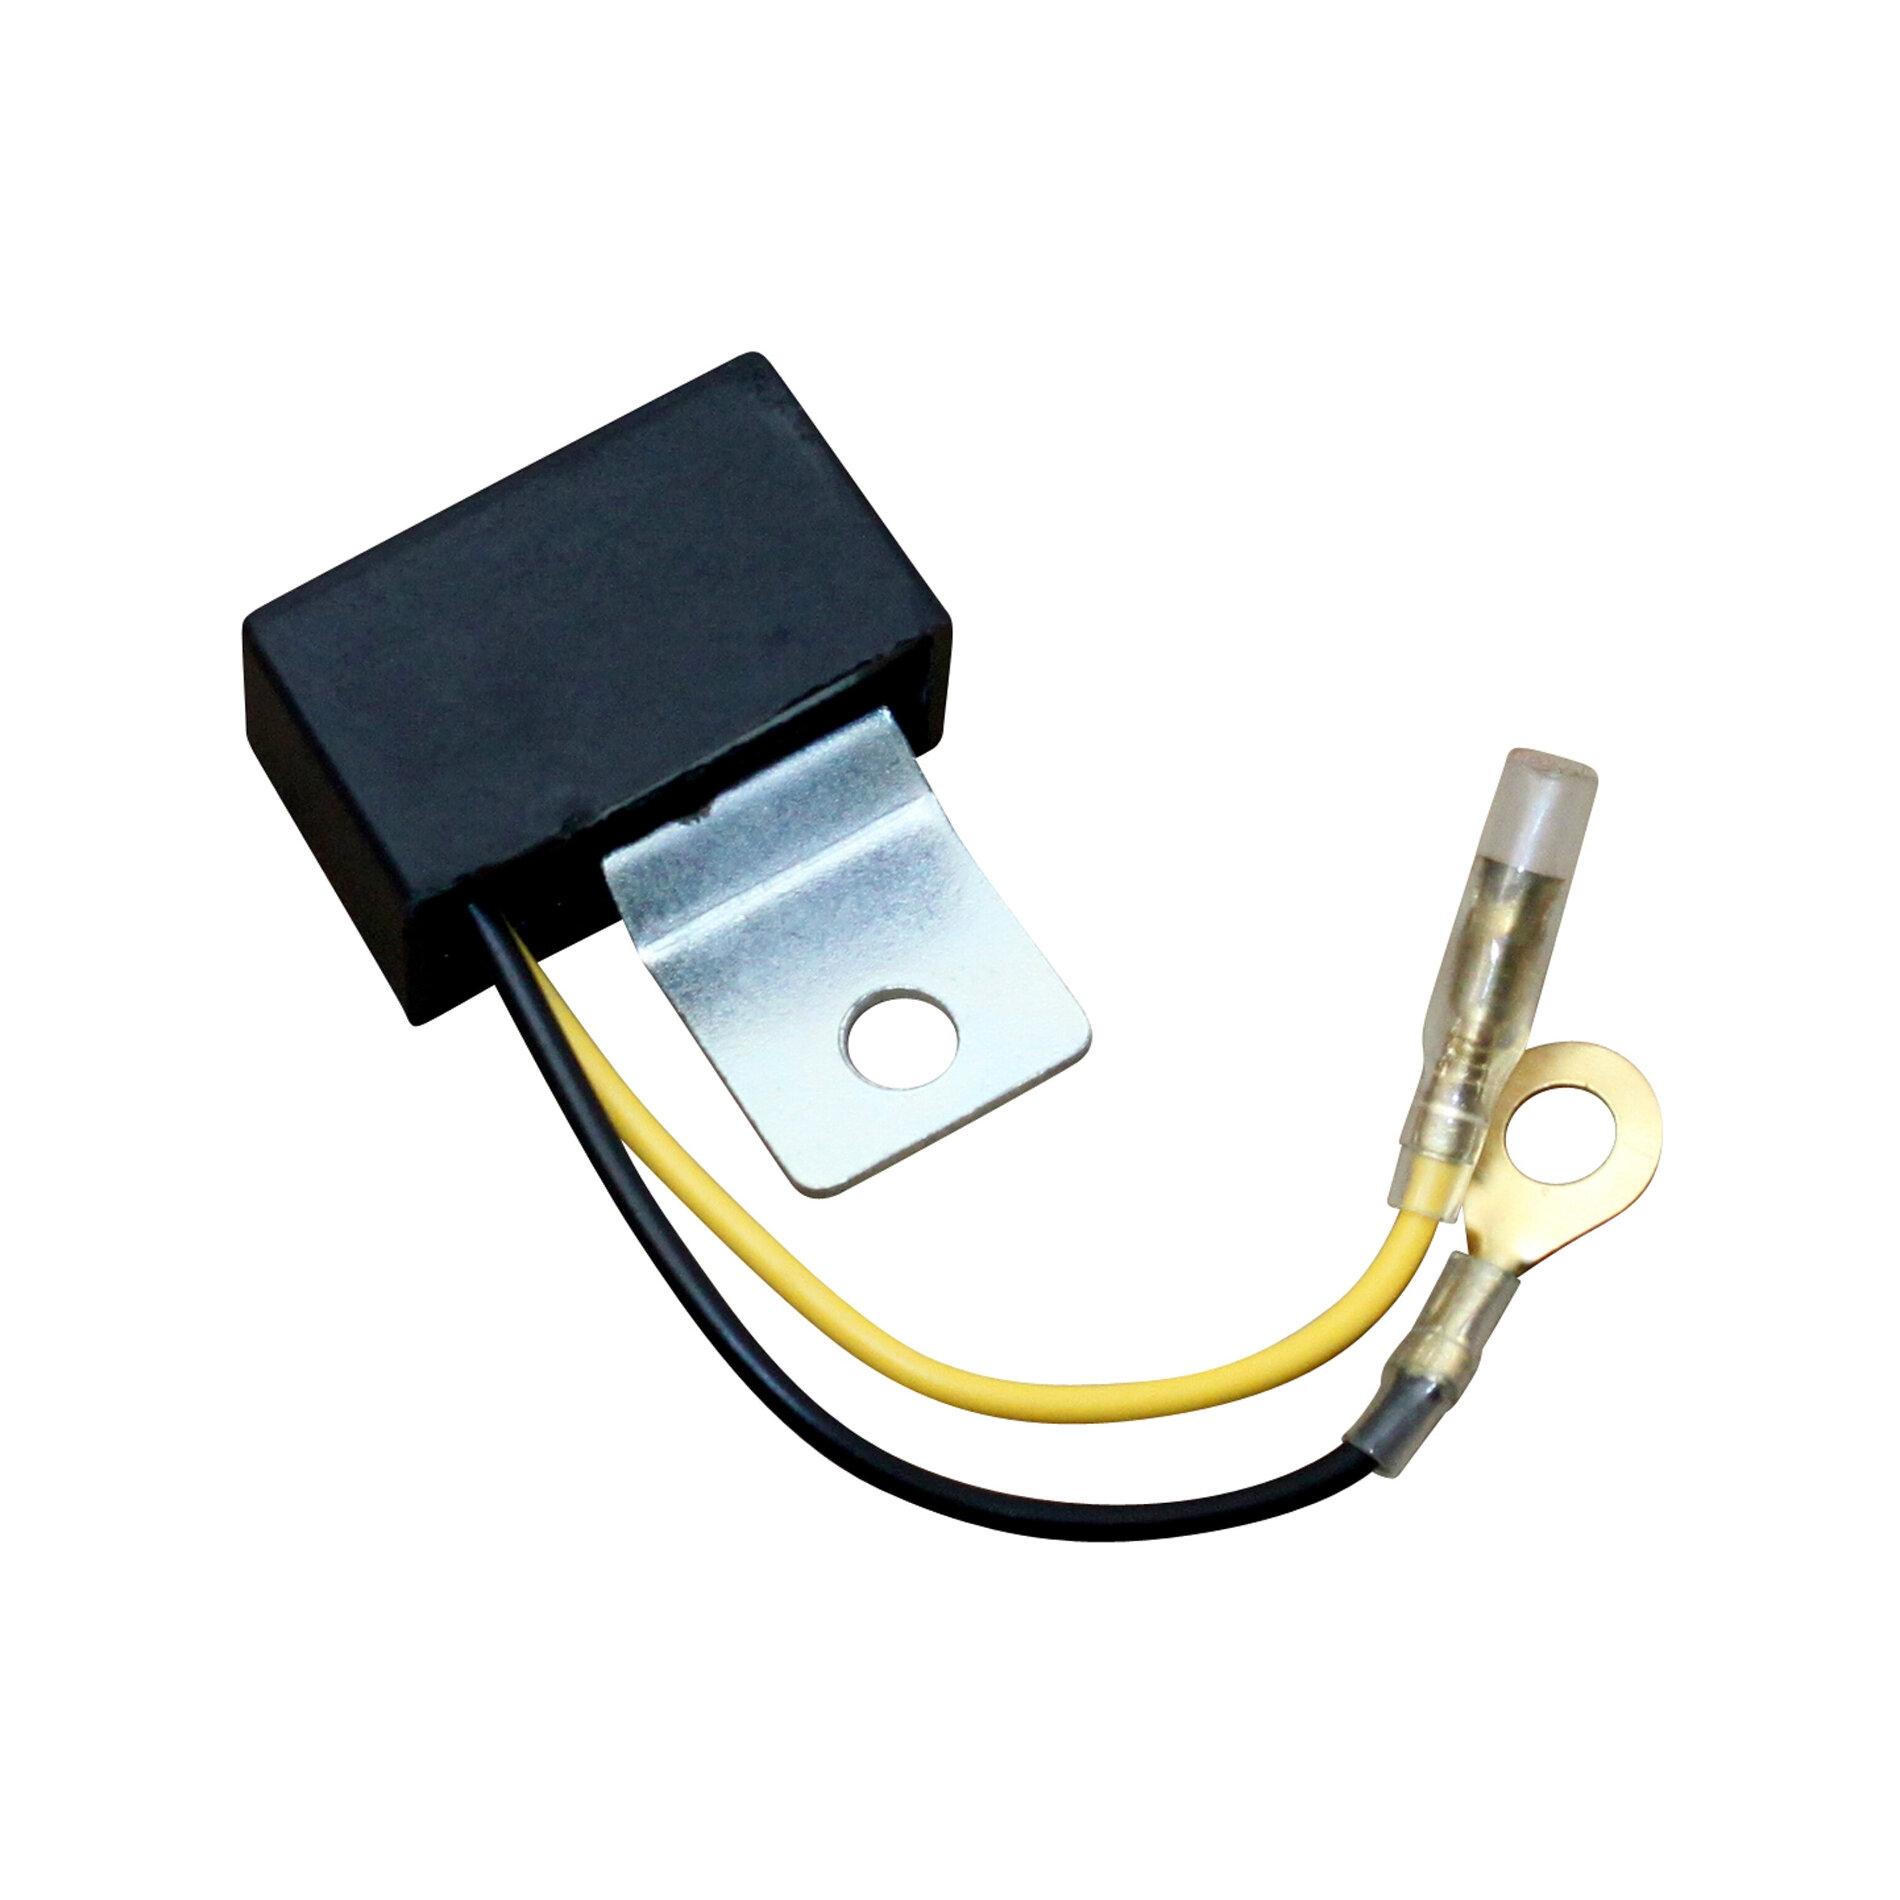 Régulateur de tension MBK 51 électronique avec 2 fils